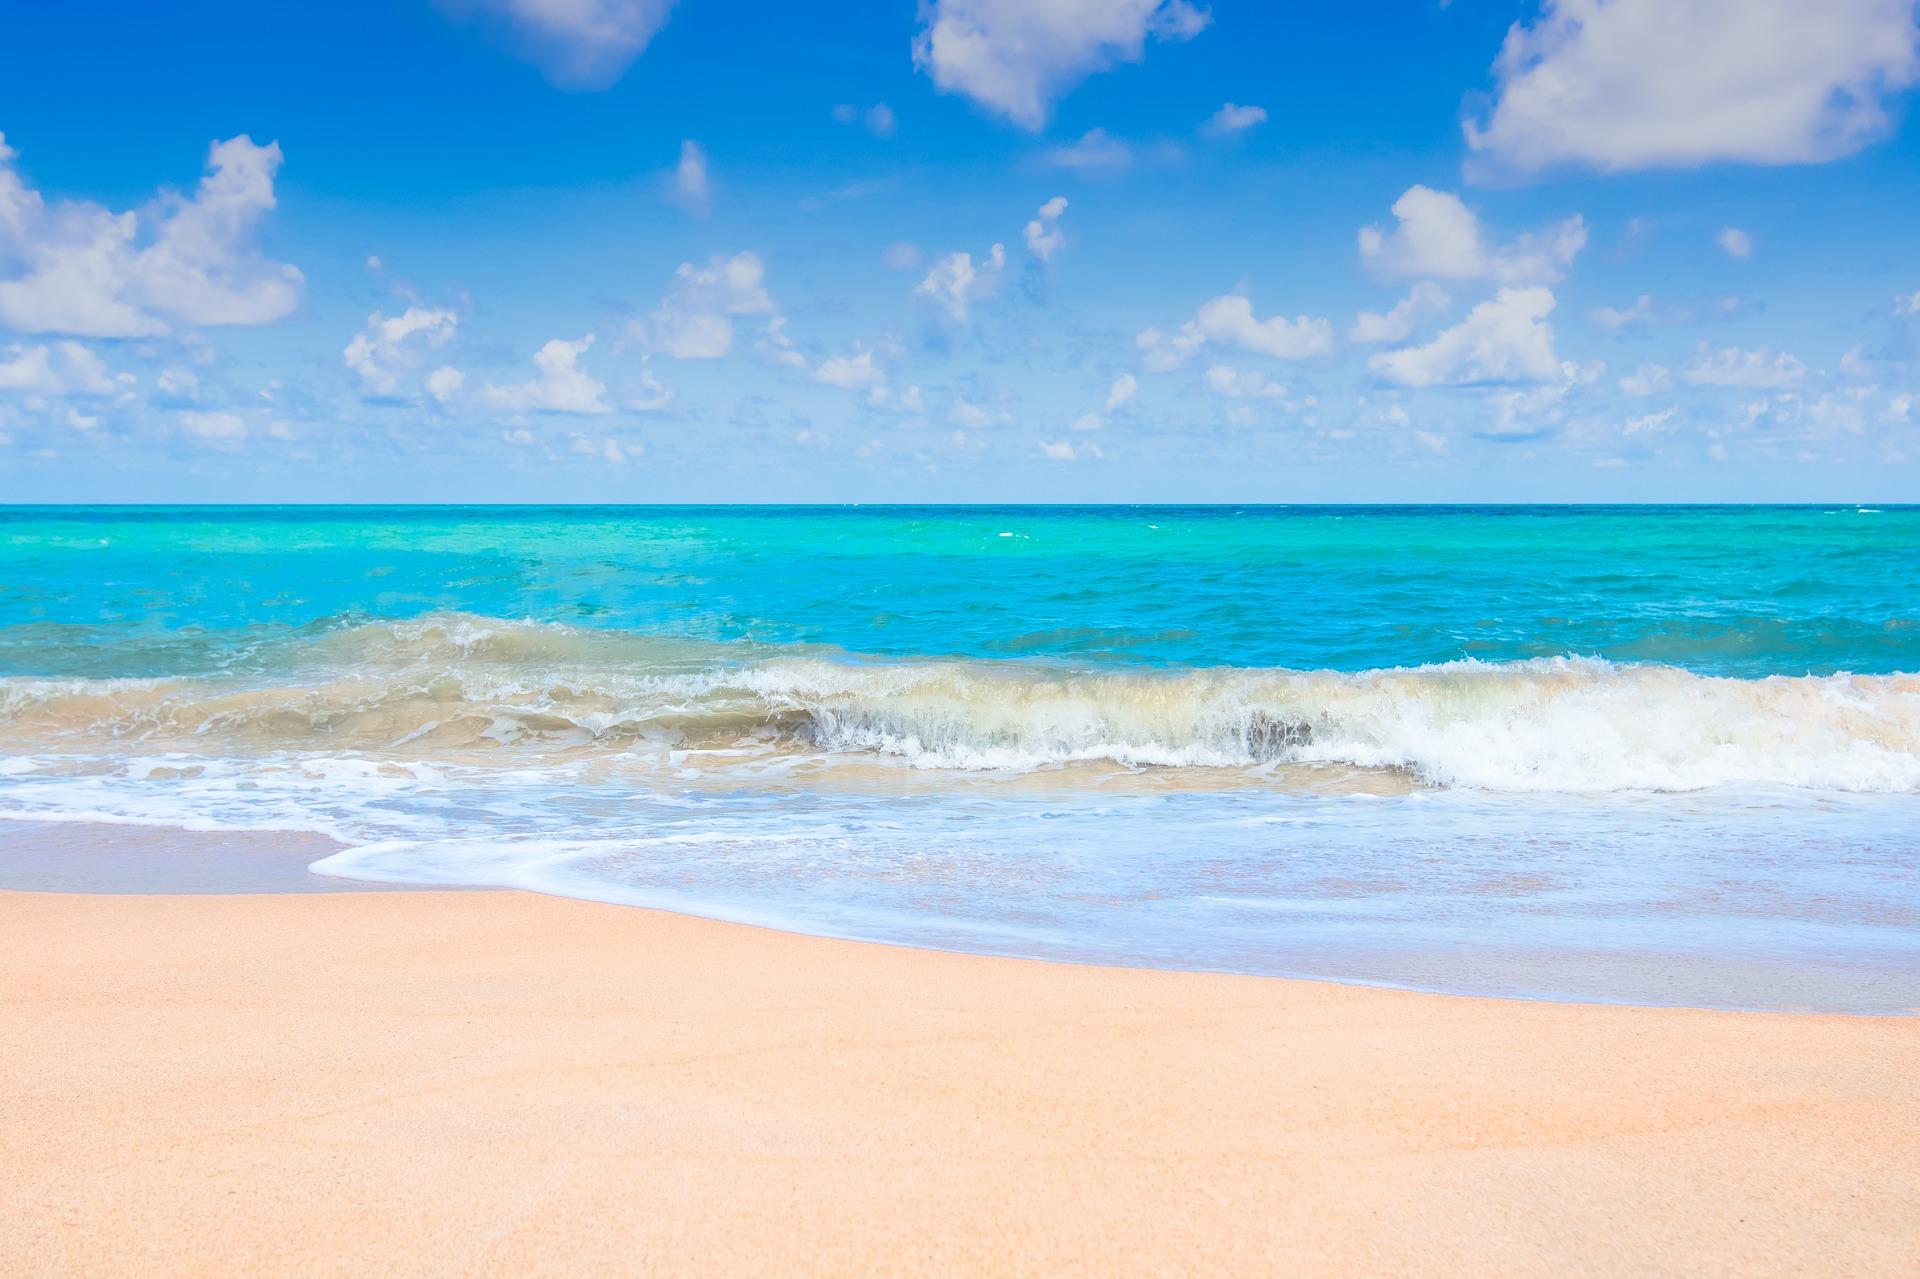 アンダマン海の画像